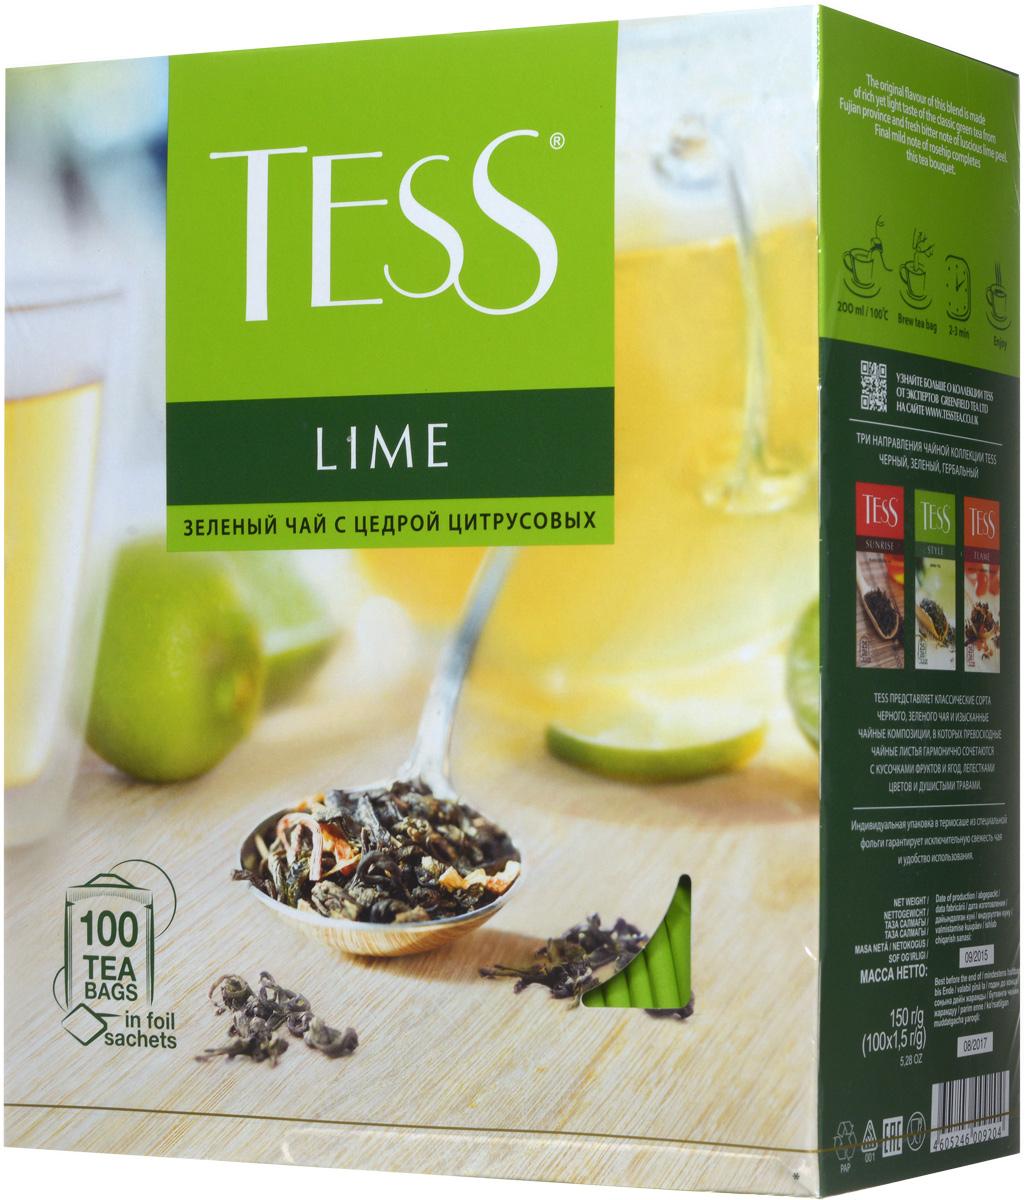 Tess Lime зеленый чай в пакетиках, 100 шт0120710Зеленый чай Tess Lime - это очень интересная композиция из зеленого чая, кусочков шиповника, лимонной цедры и лепестков календулы. Острая лимонная кислинка хорошо сочетается с характерным, немного терпким вкусом зеленого чая, а завершающую точку ставит свежий, чуть горьковатый аромат сочного лайма.